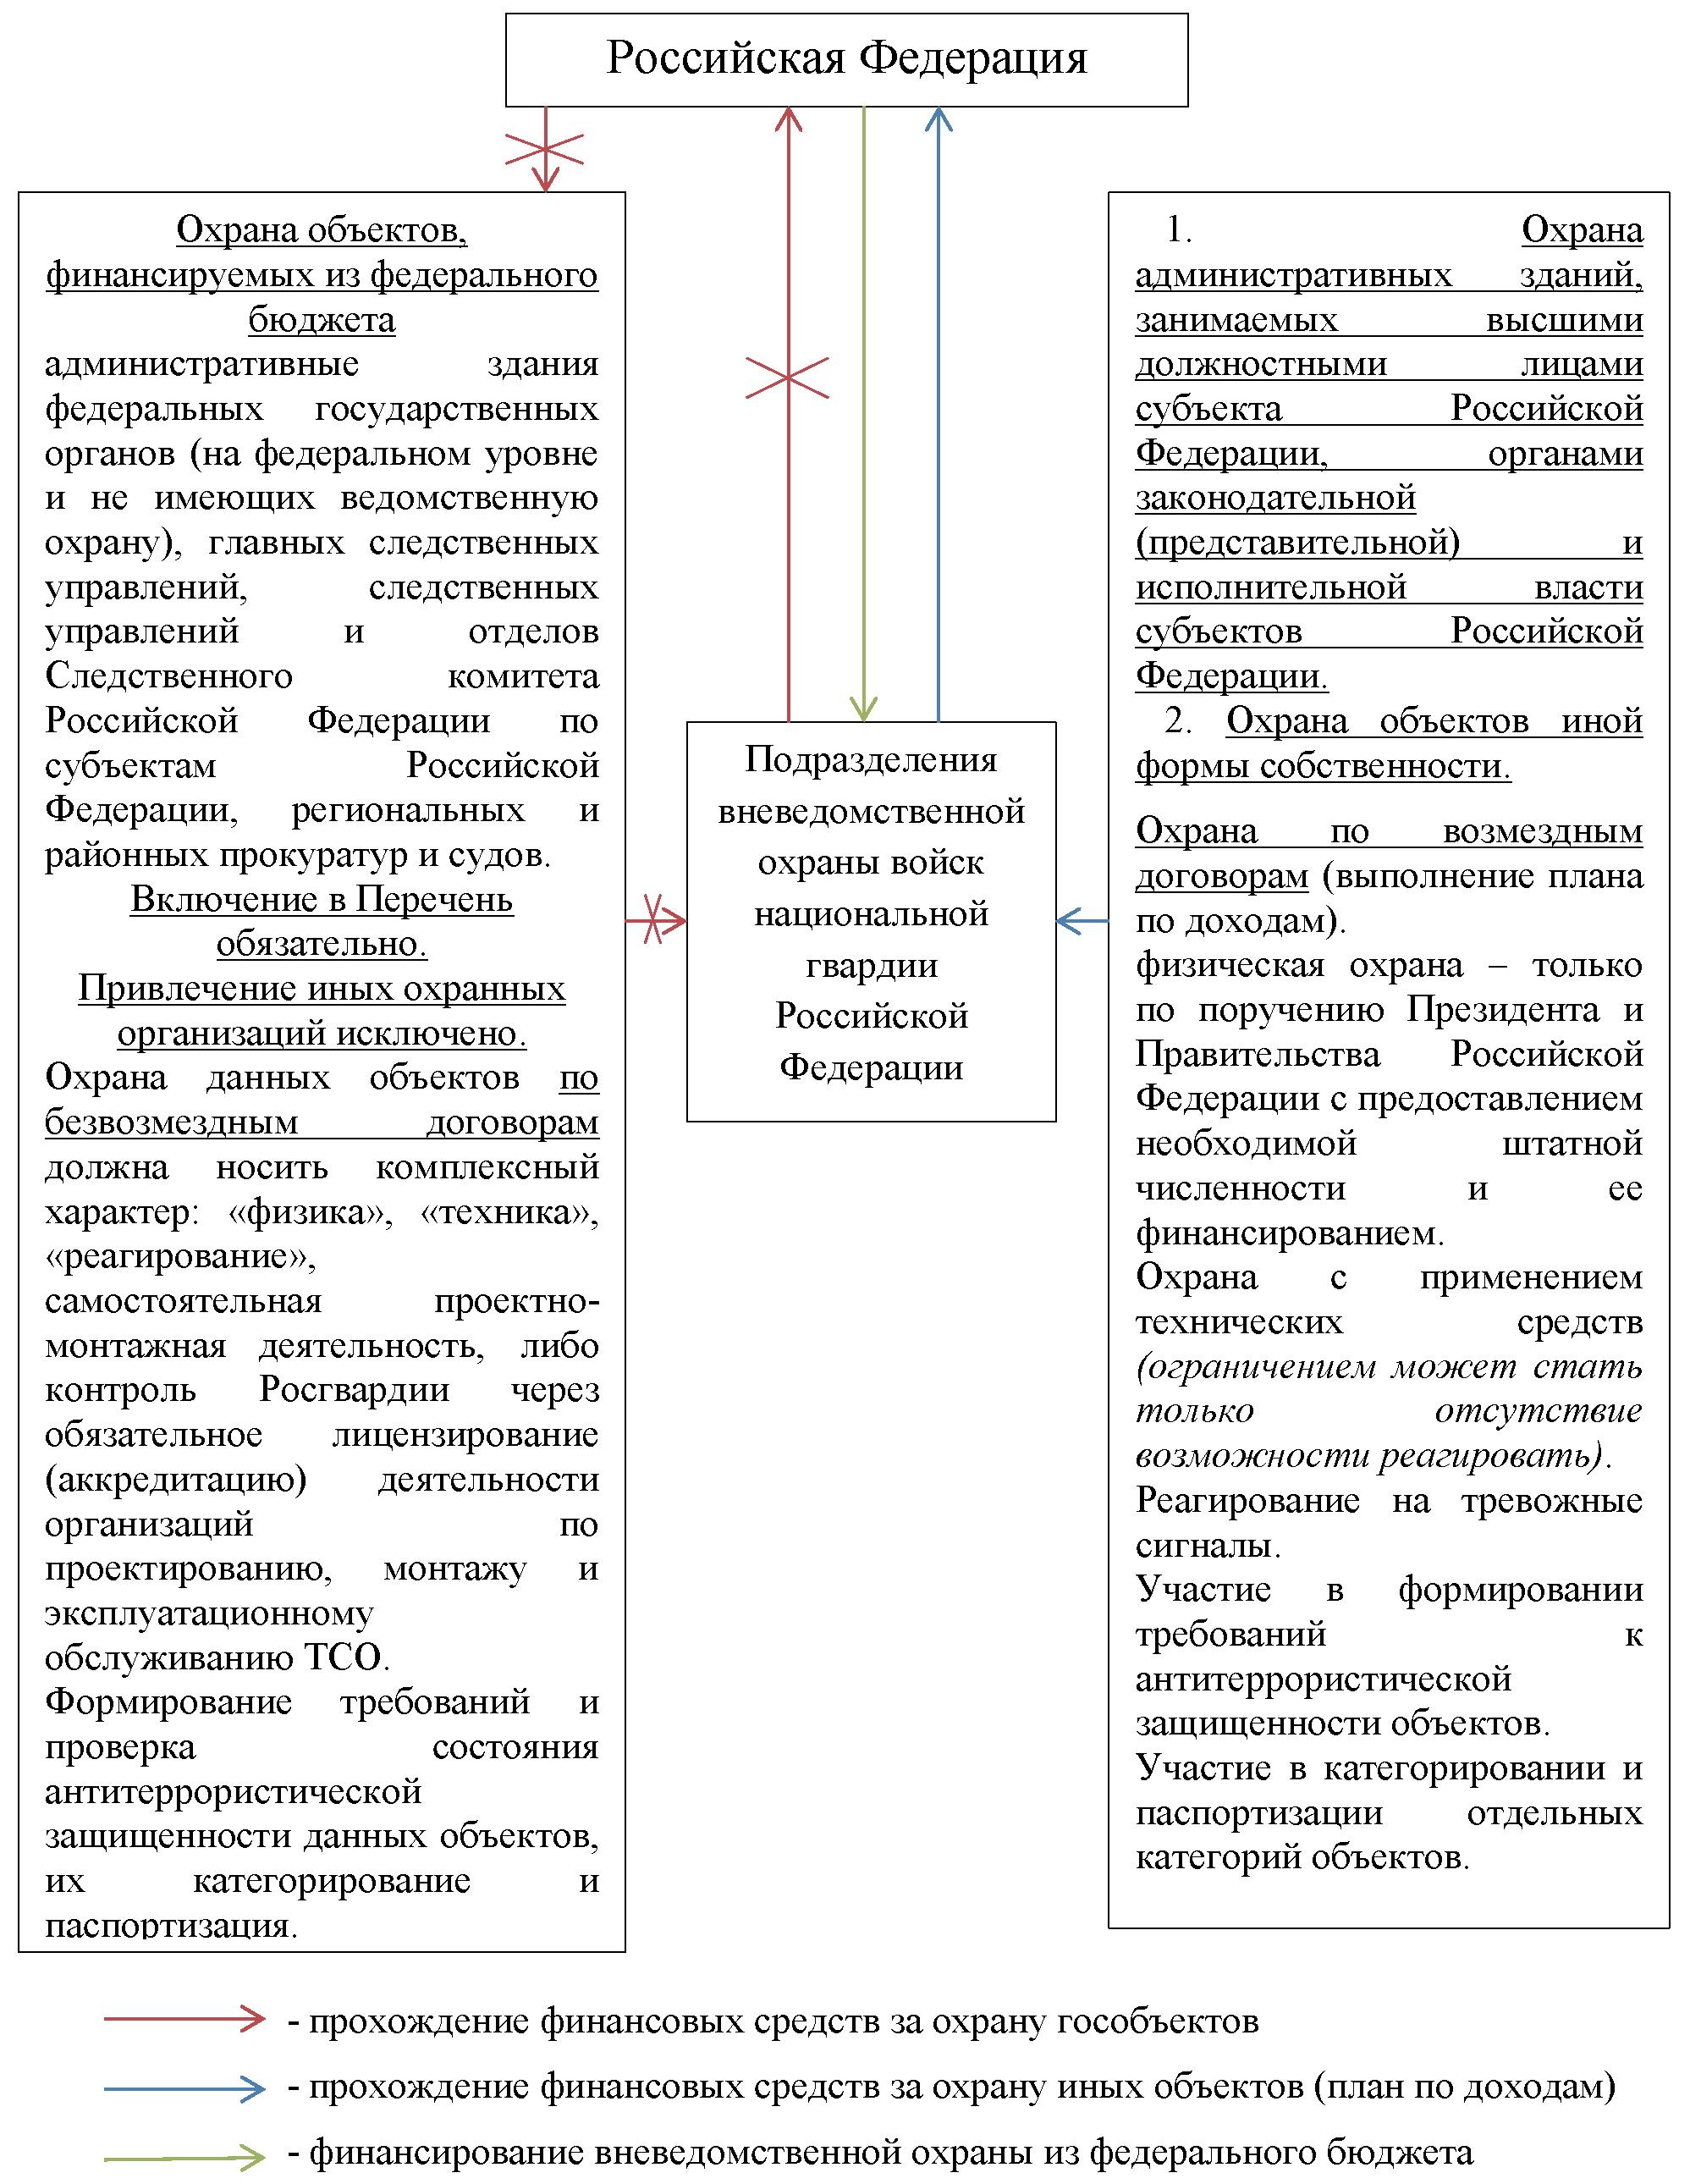 Центр банк россии официальный сайт как написать жалобу